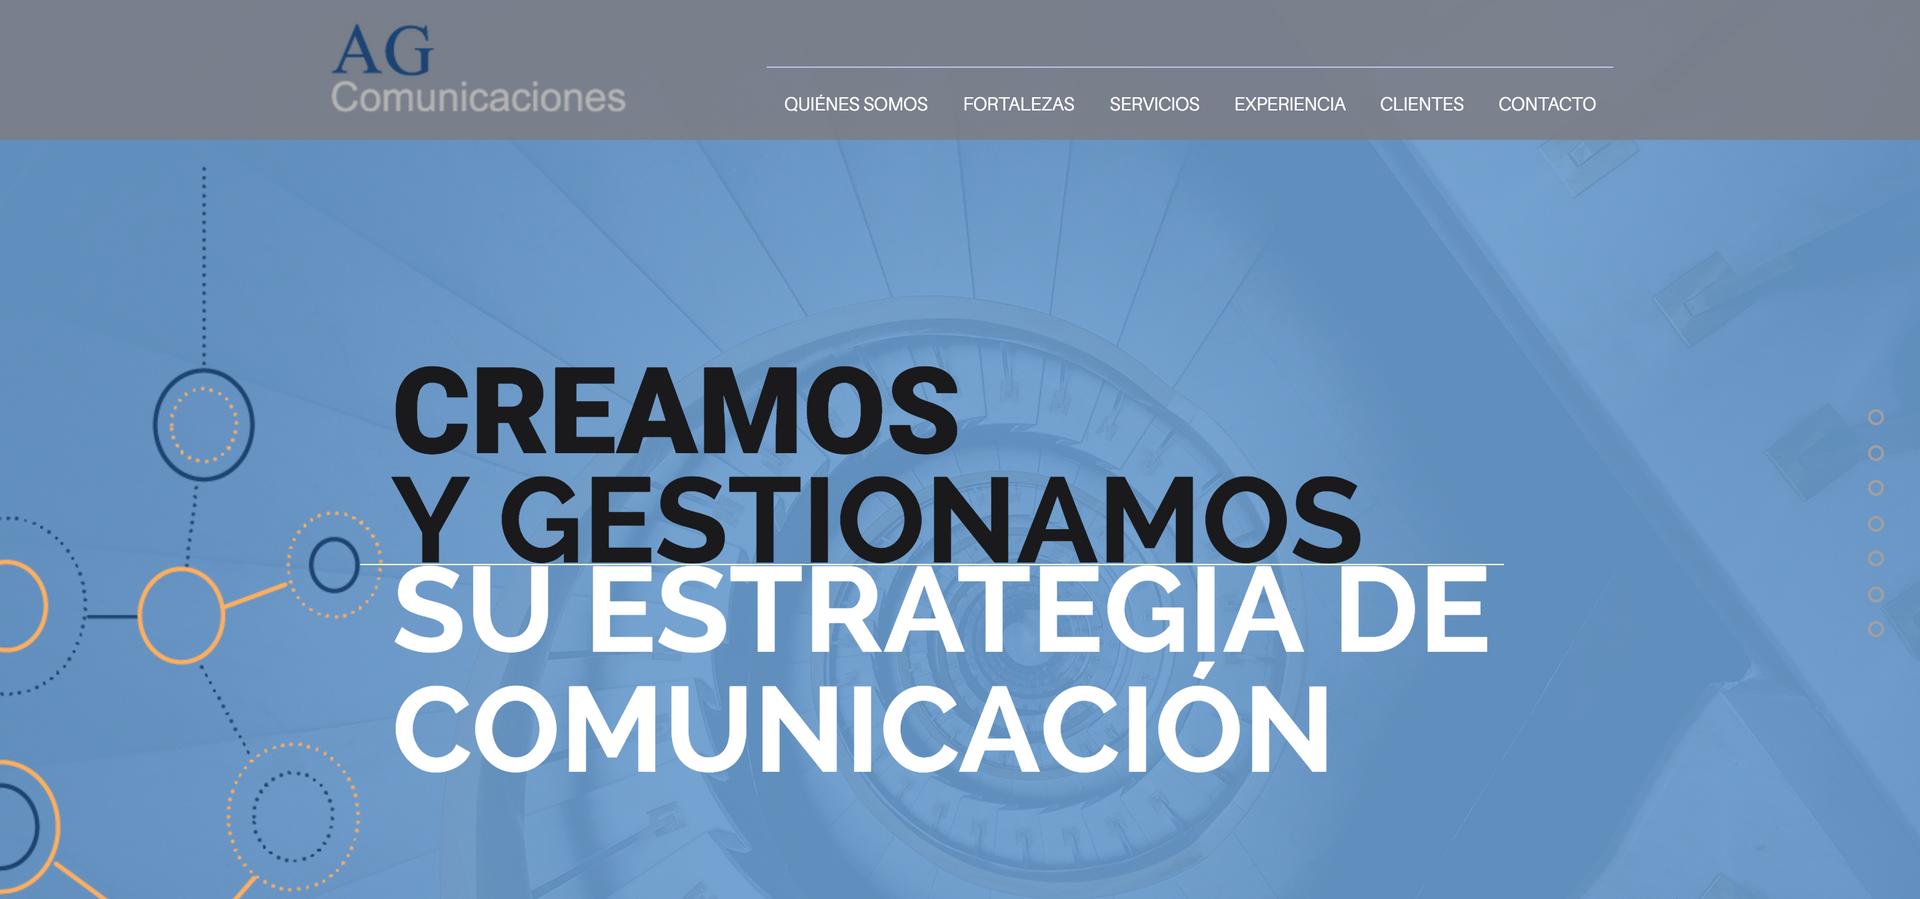 AG Comunicaciones - Web